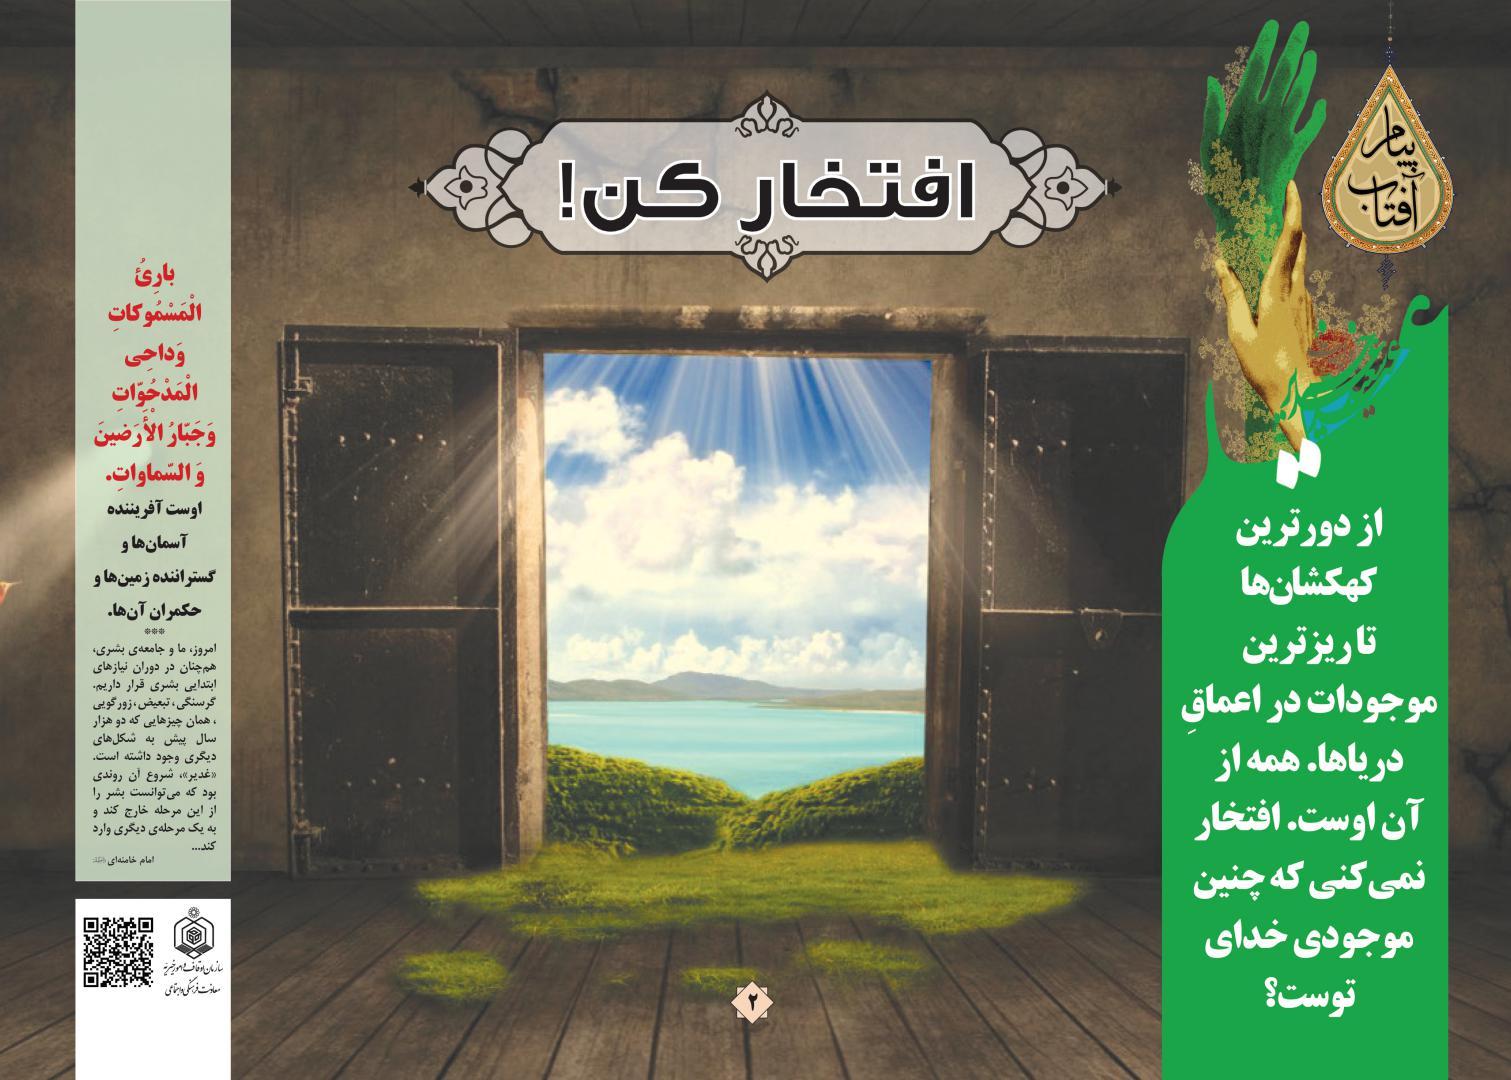 باری المسموکات و داحی المدحوات